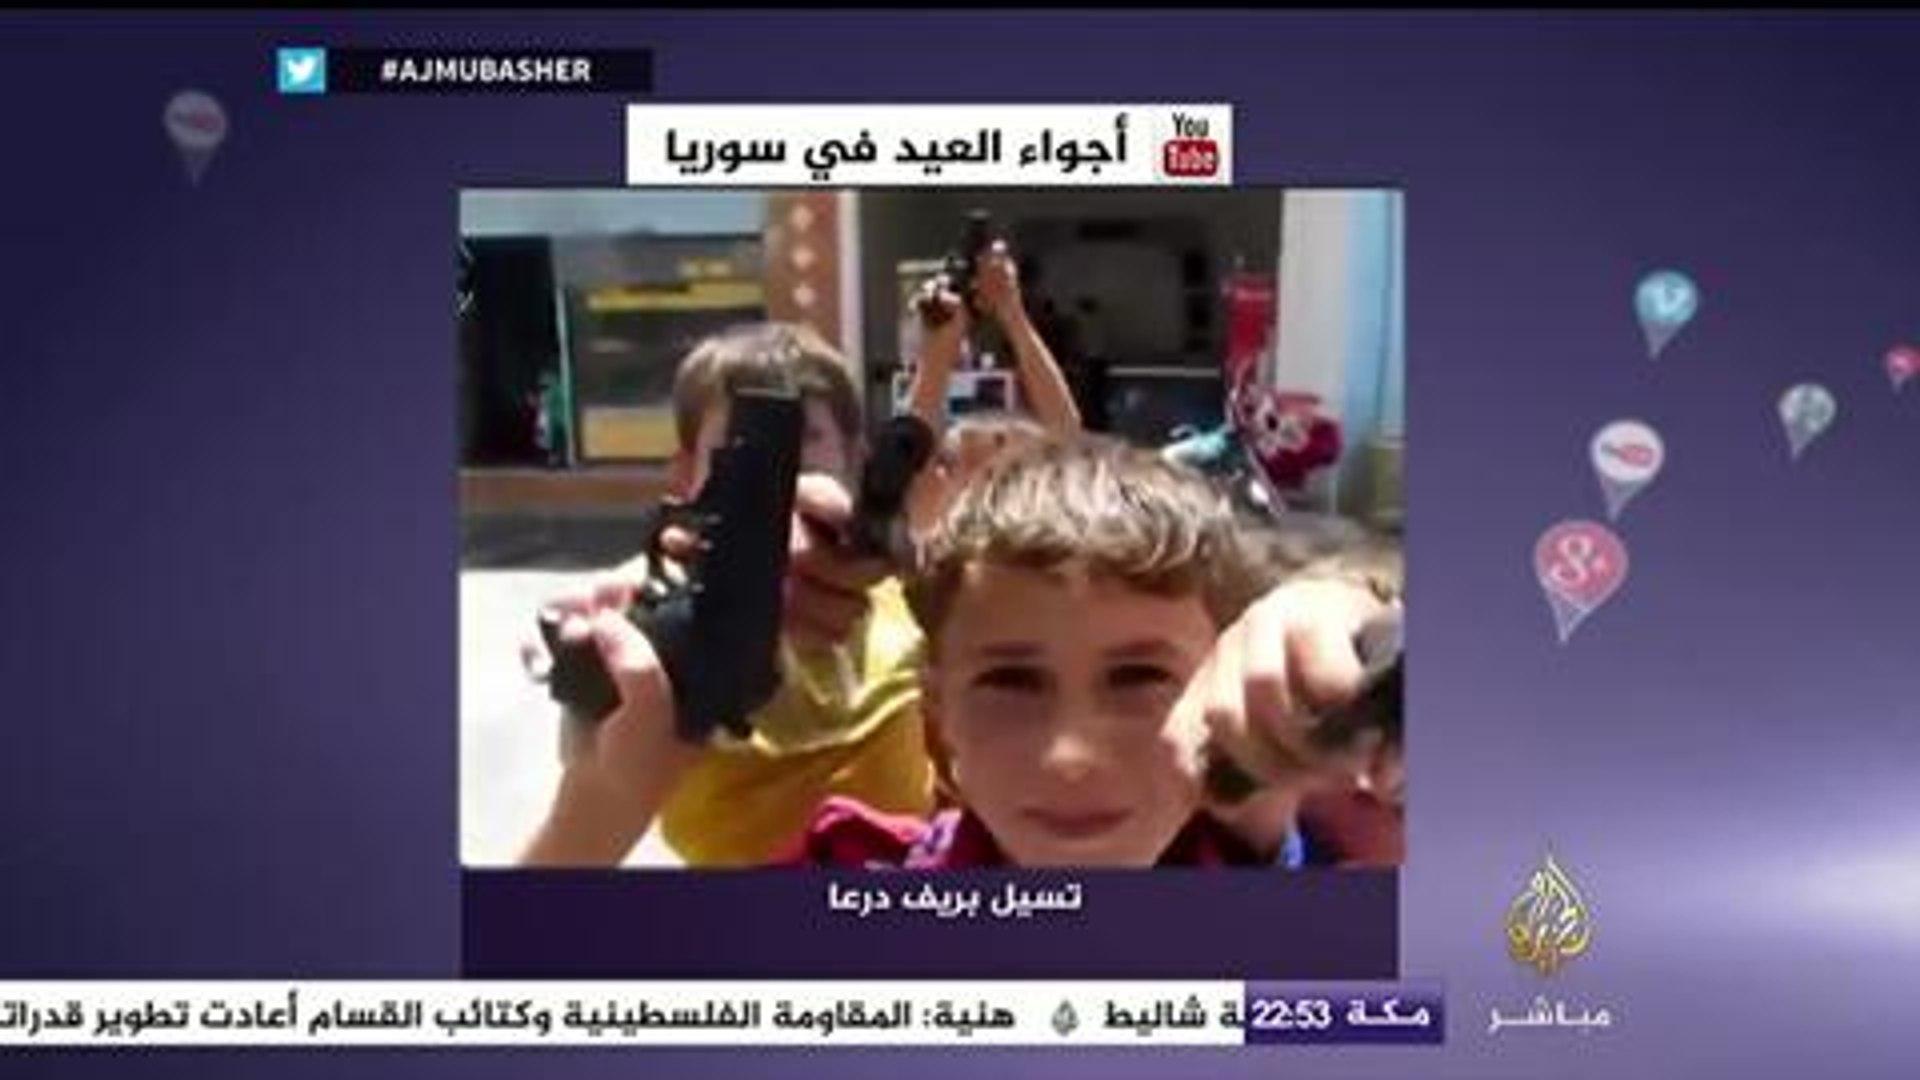 نشرة يوتيوب .. أجواء العيد في سوريا